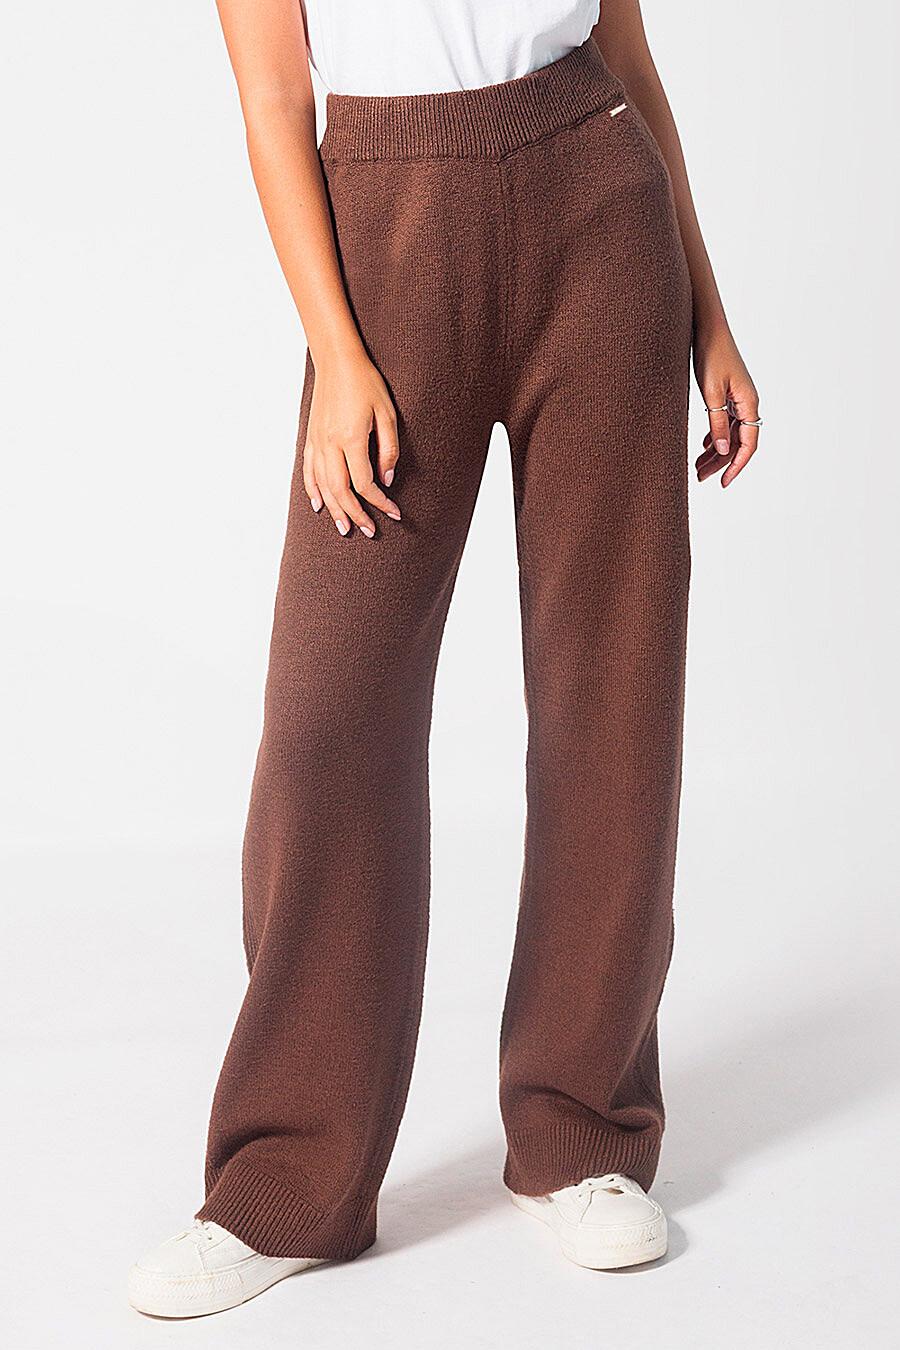 Брюки для женщин VILATTE 700233 купить оптом от производителя. Совместная покупка женской одежды в OptMoyo